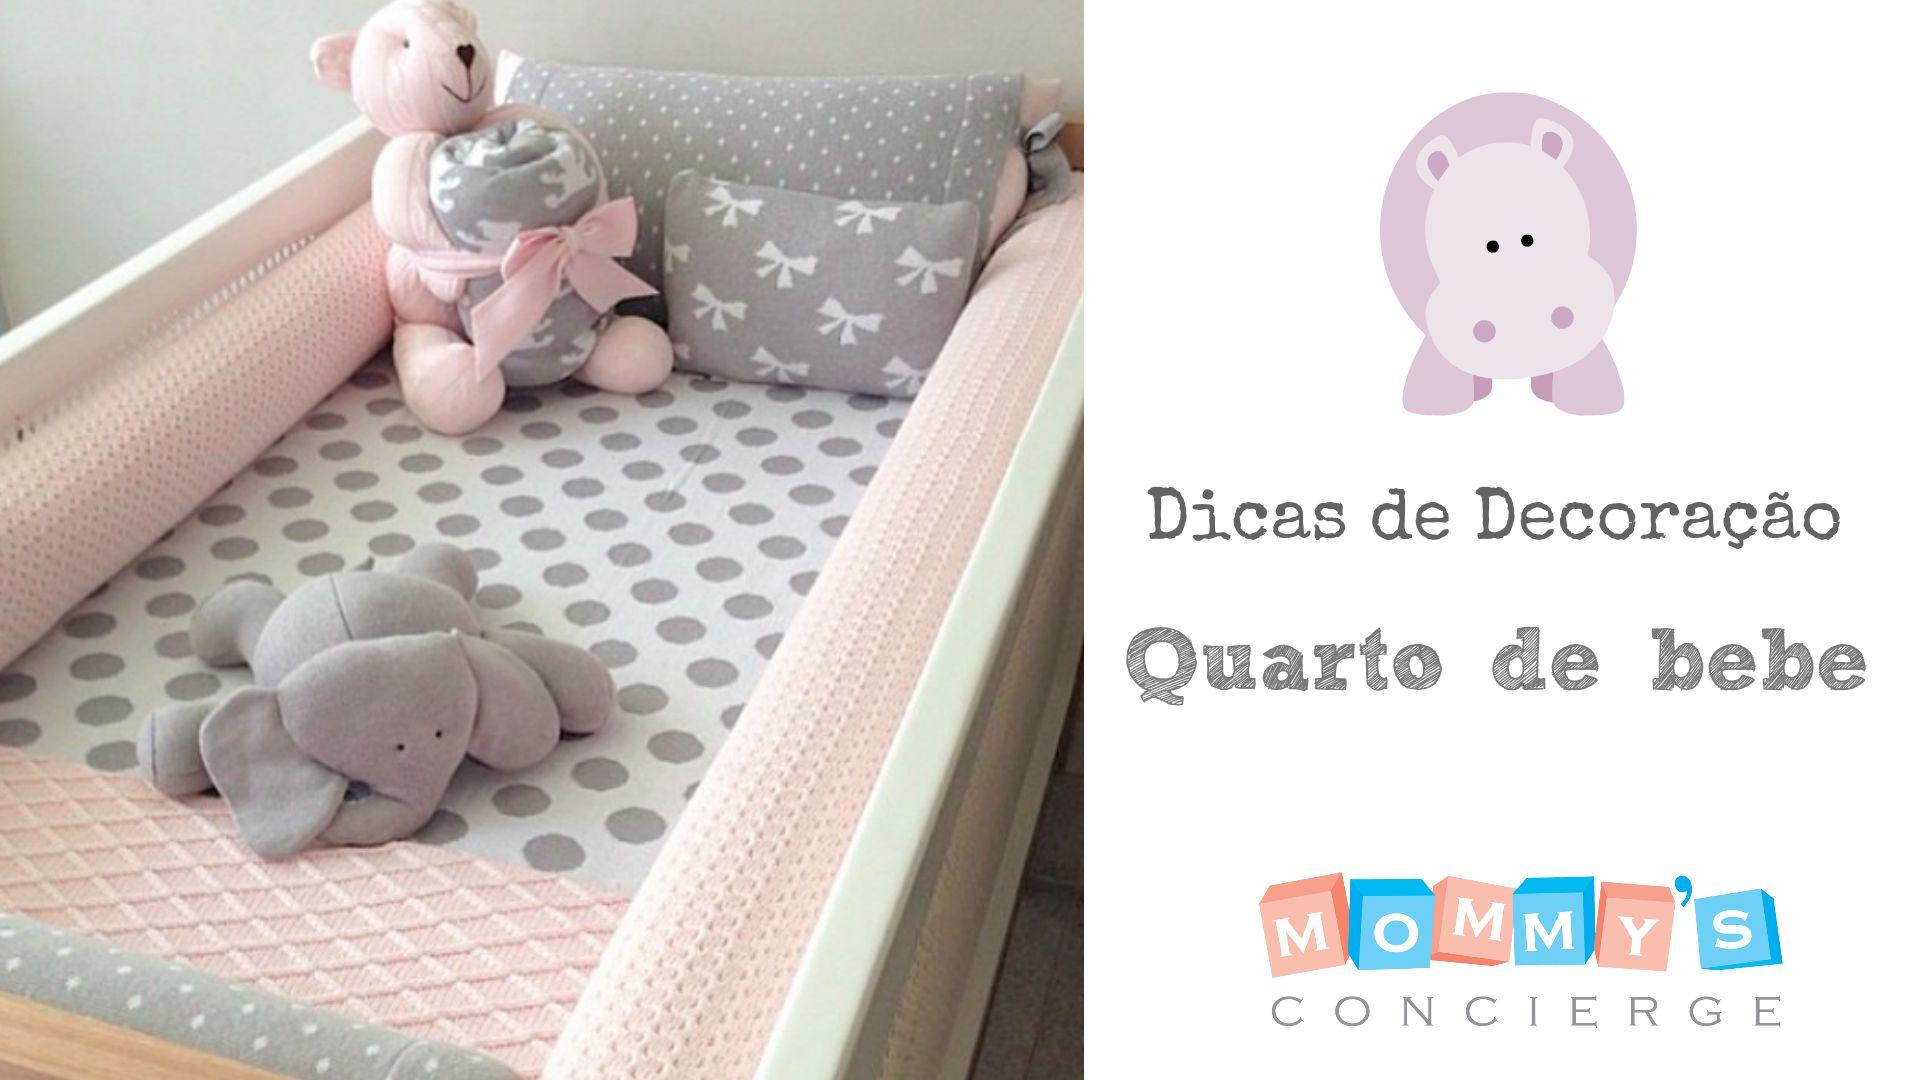 Mommy's Concierge TV: decoração quarto de bebê